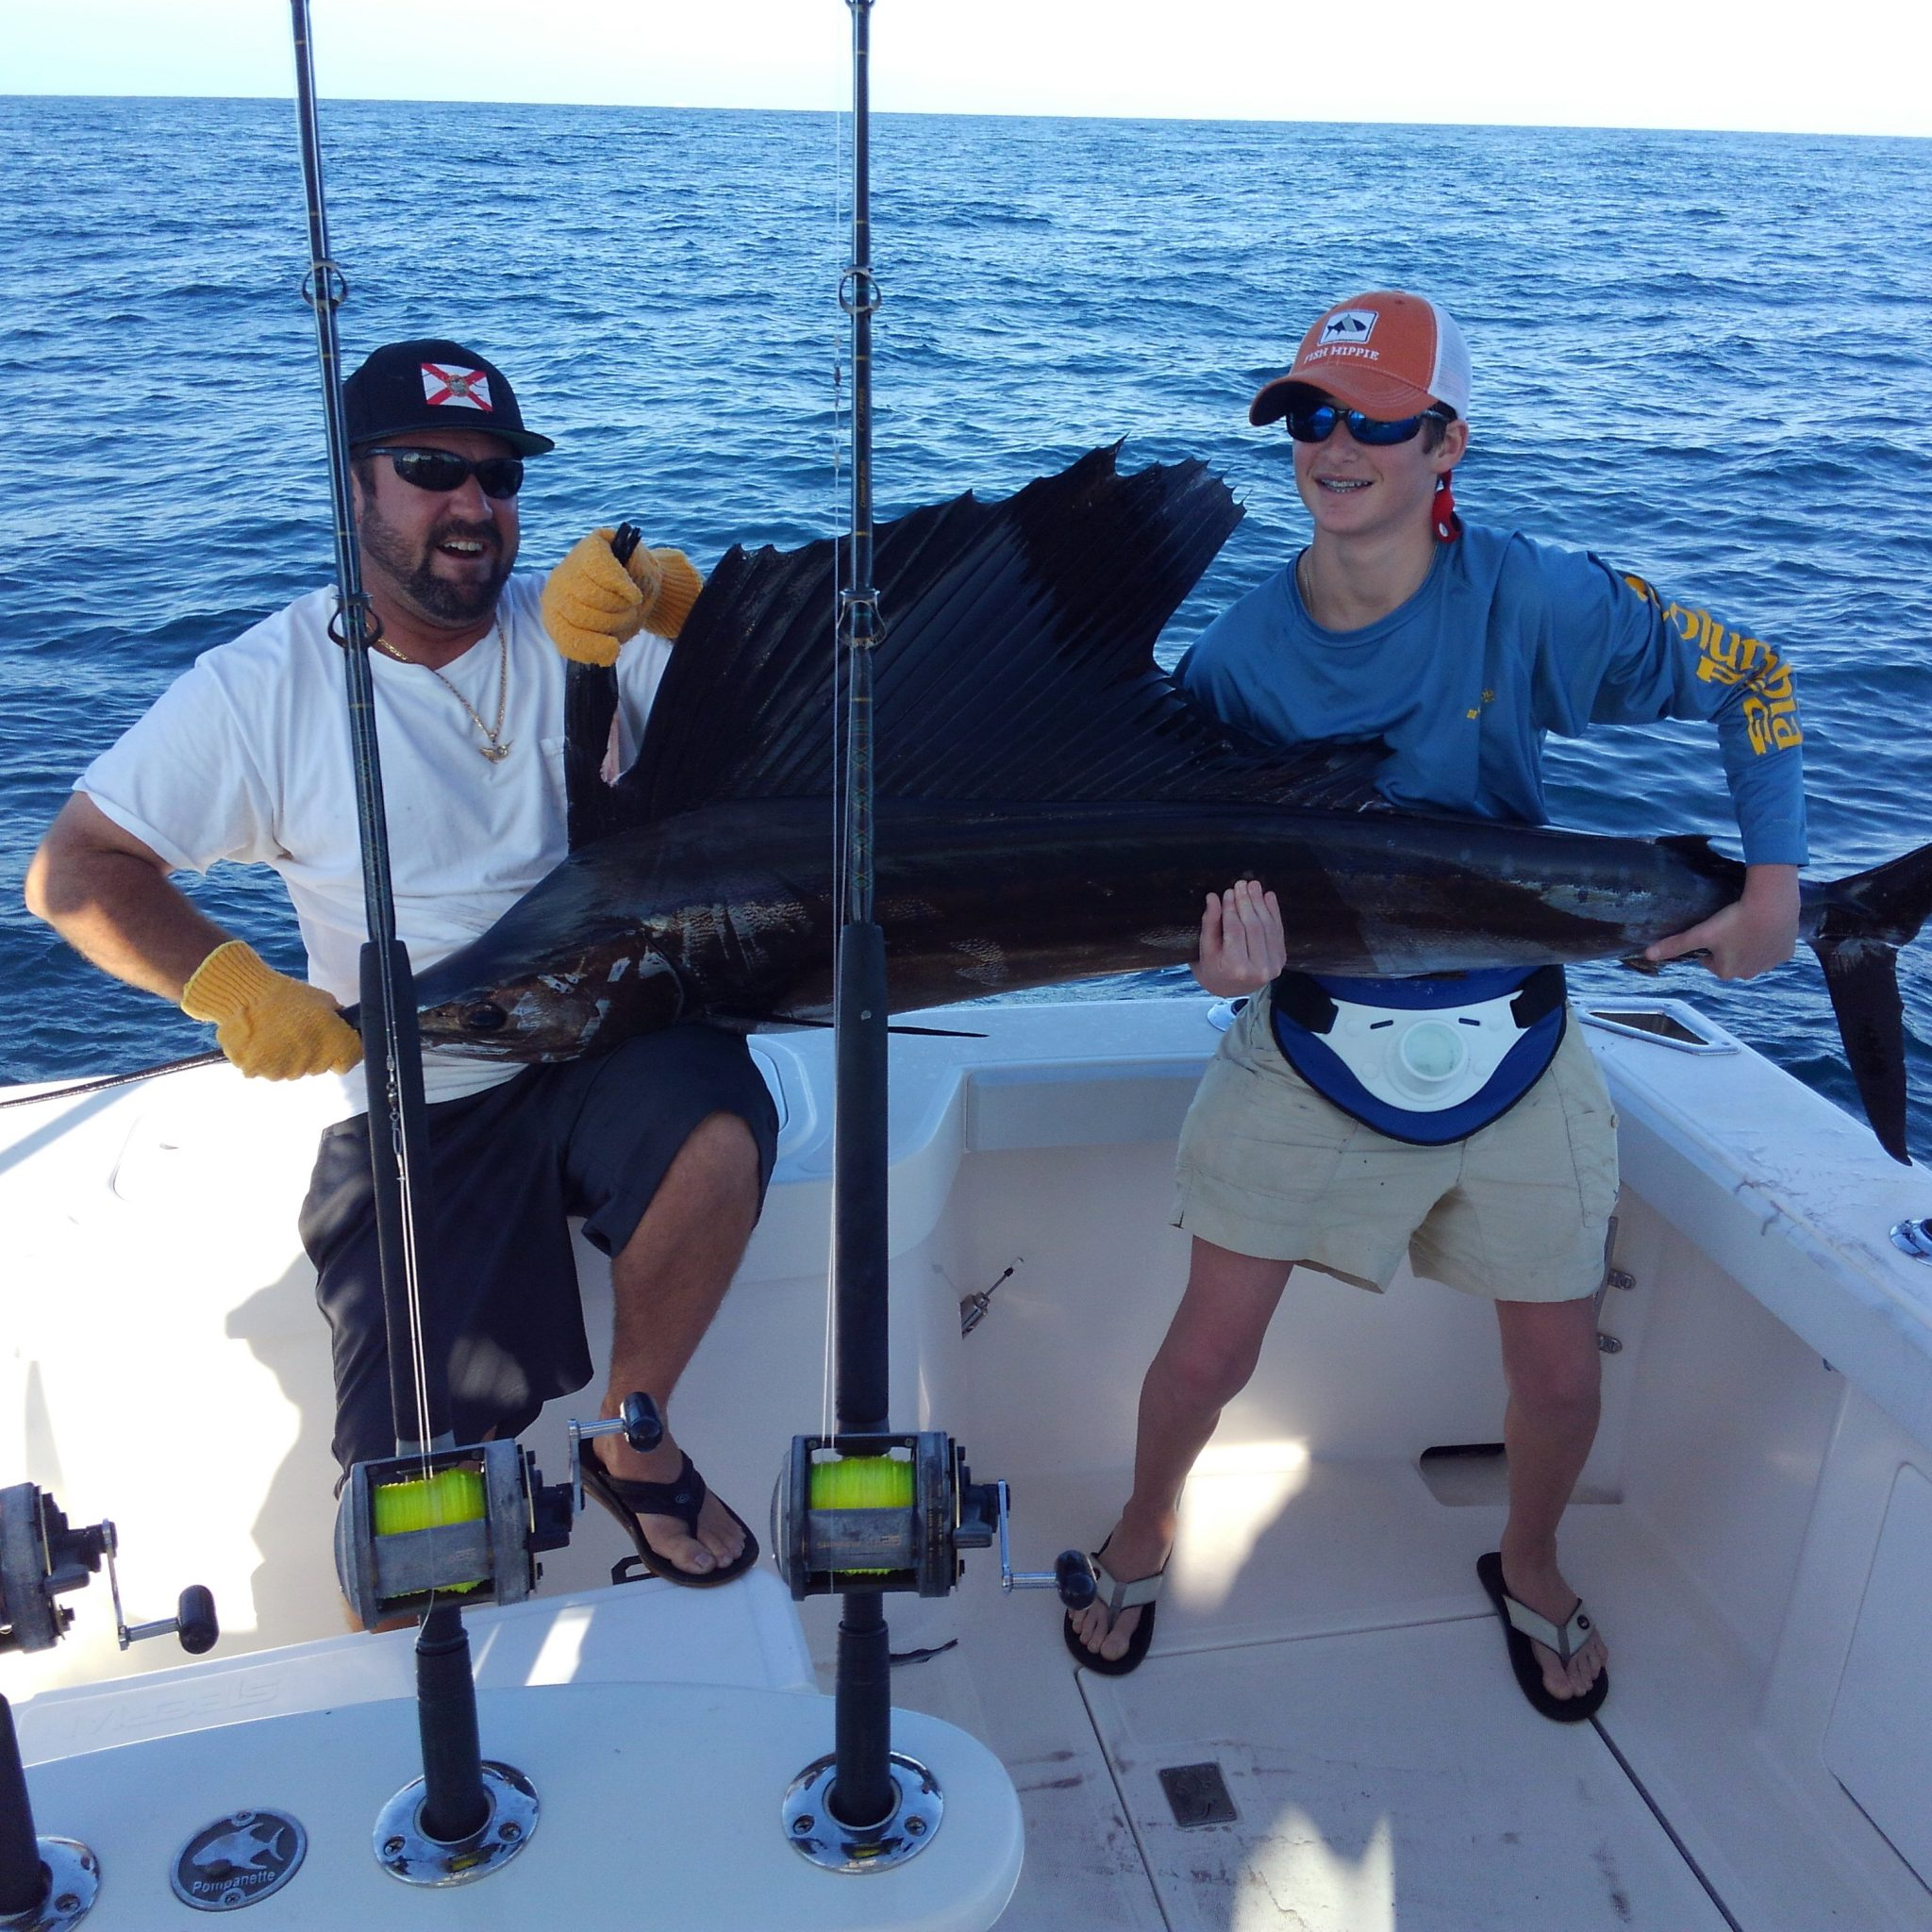 Sailfish and dolphin stuart fl charter fishing reel for Fishing charters stuart fl